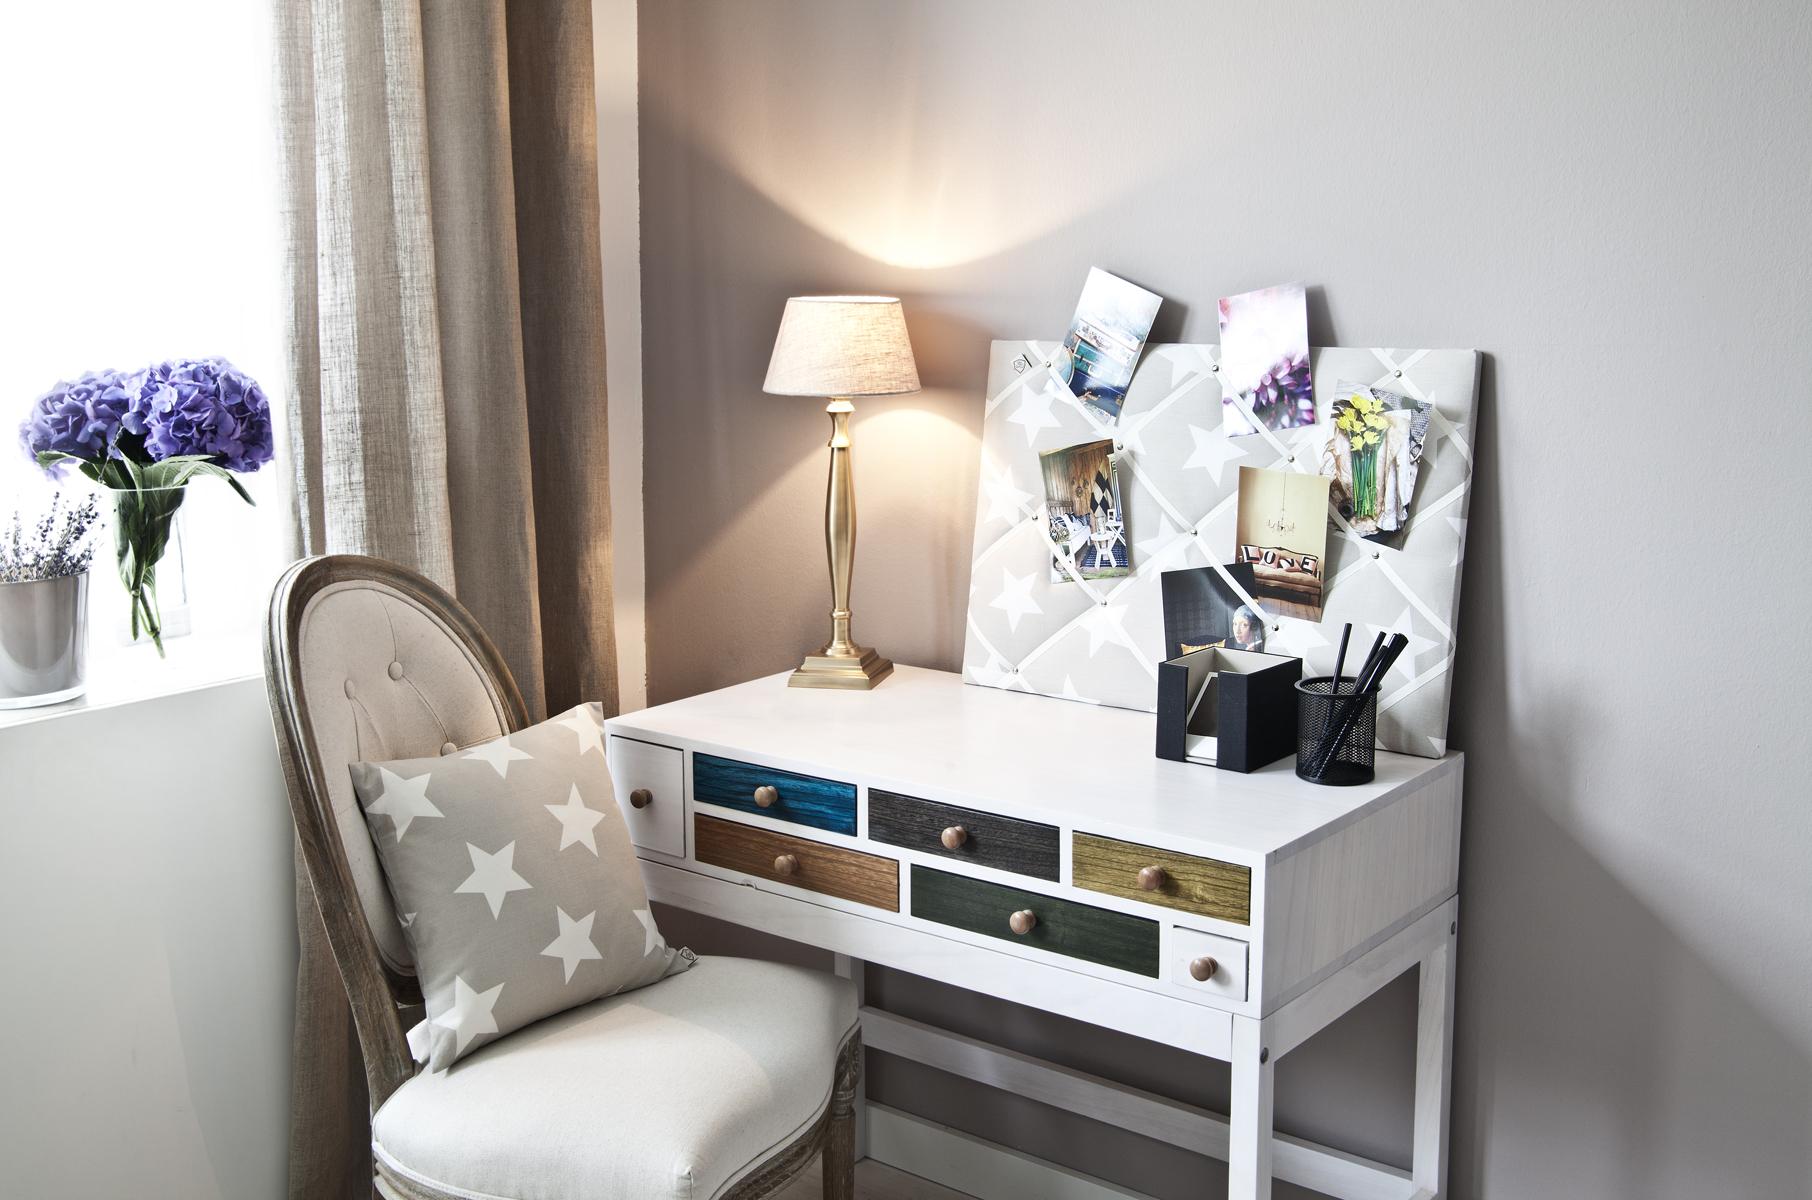 Lámparas de mesa: accesorios con estilo | WESTWING